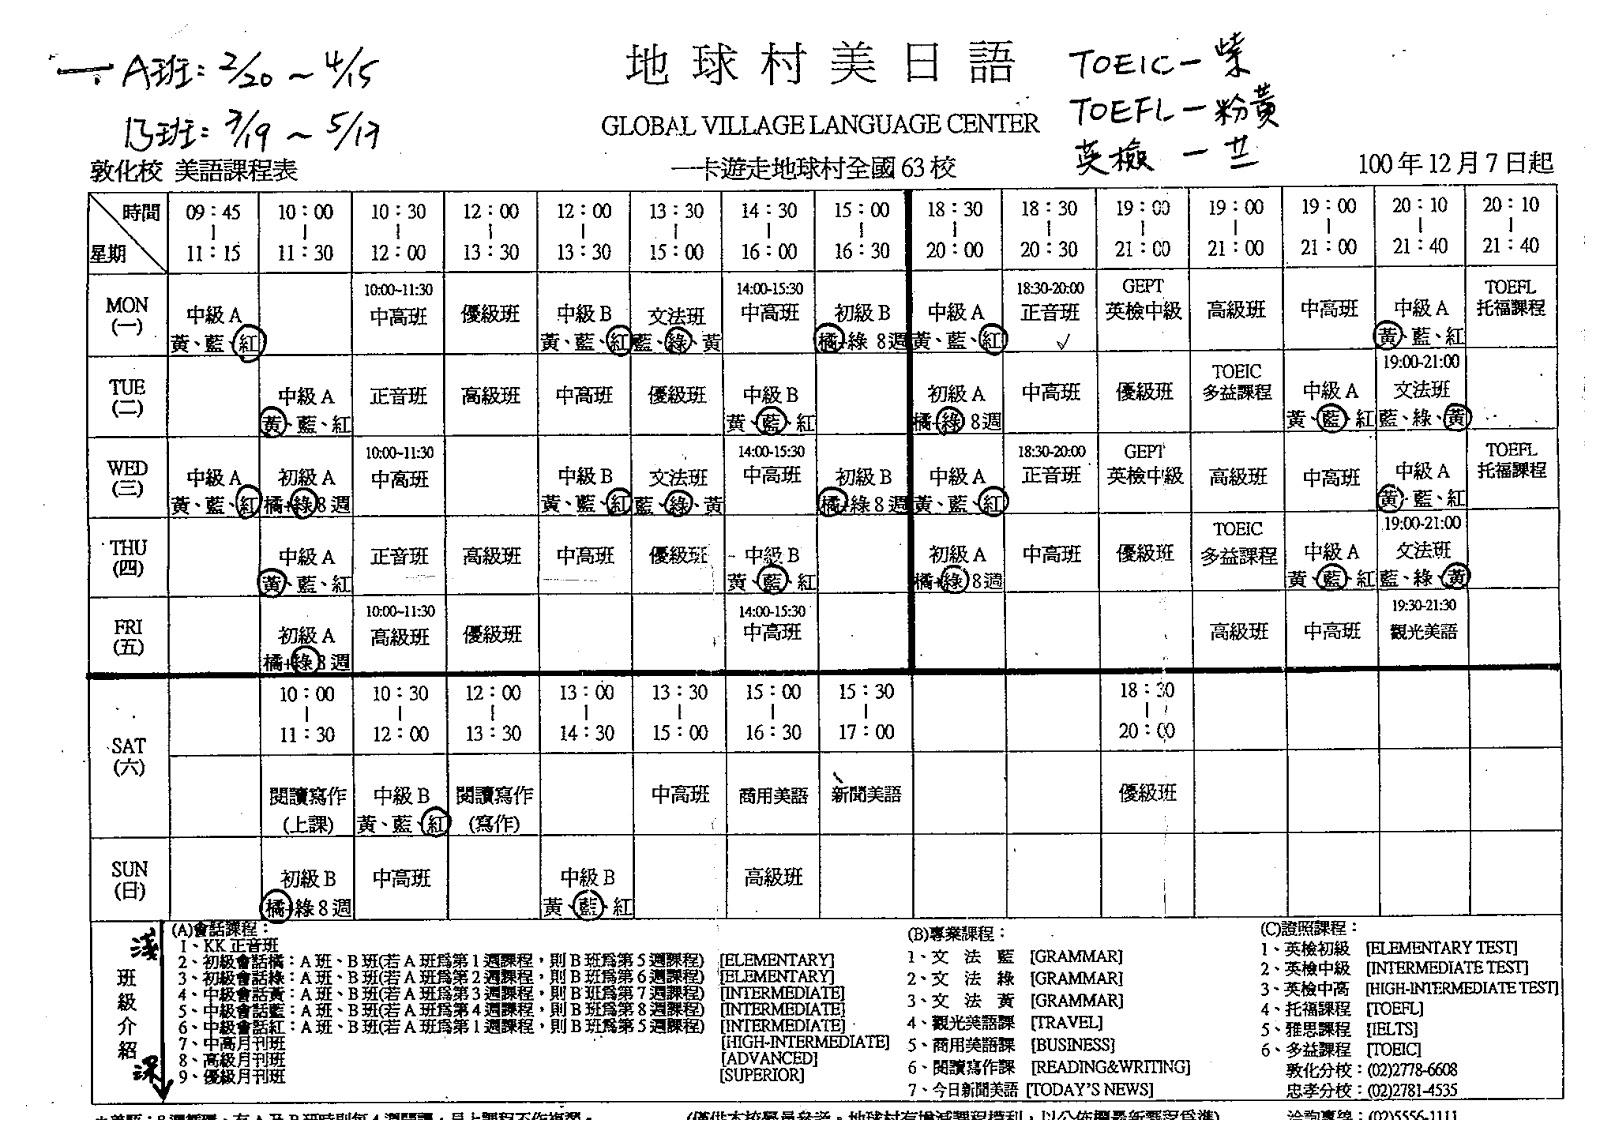 人生七劃: 【地球村美語】北部地區-英語-敦化-課表-2012